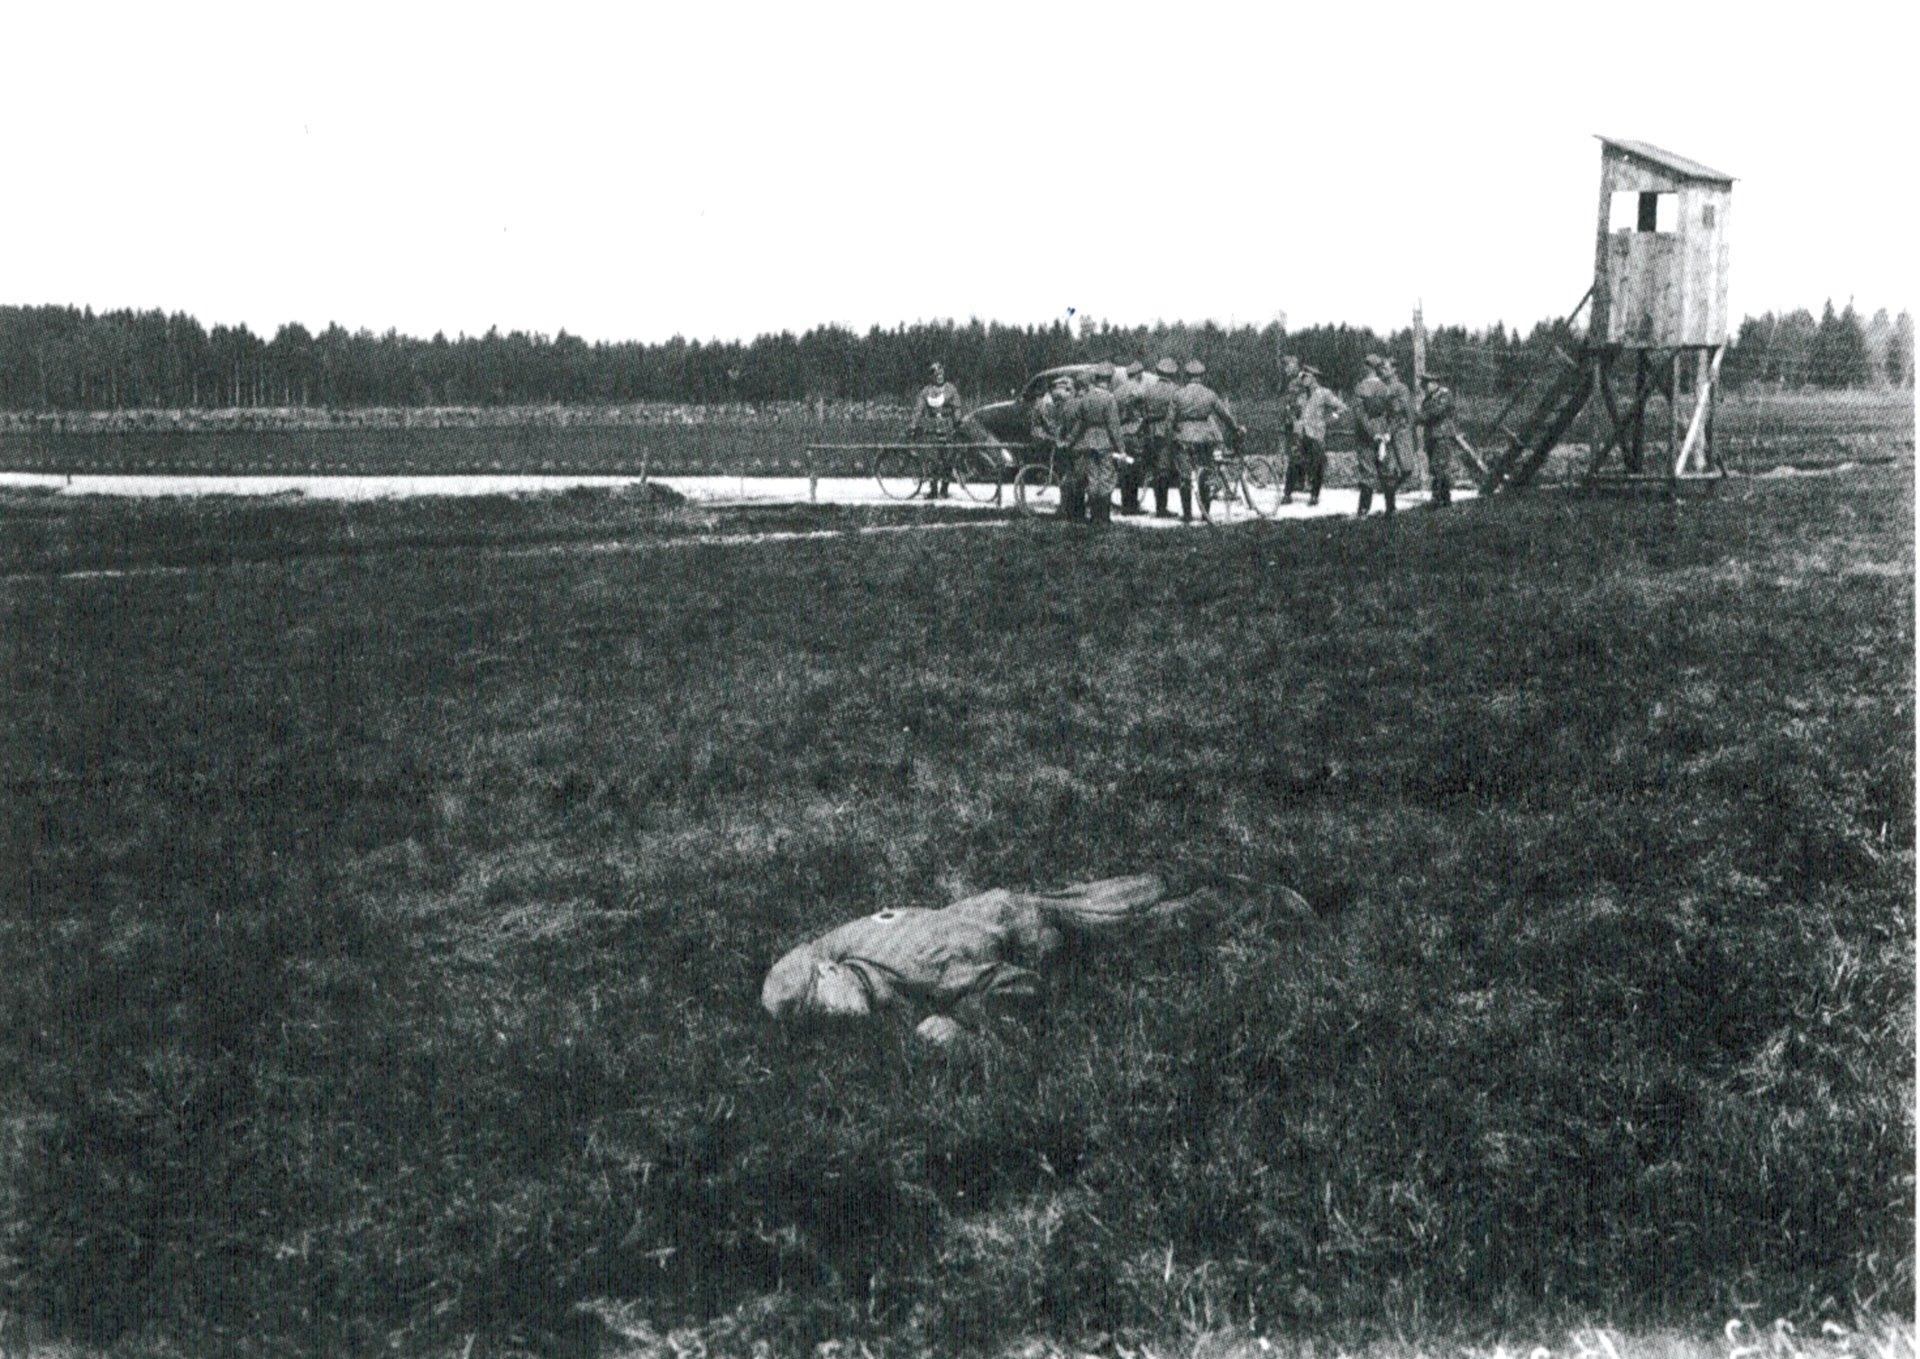 Miembros de la SS de Dachau reunidos cerca del cadaver de Abraham Borenstein, uno de los presos judíos abatido mientras trataba de fugarse. Mayo de 1941